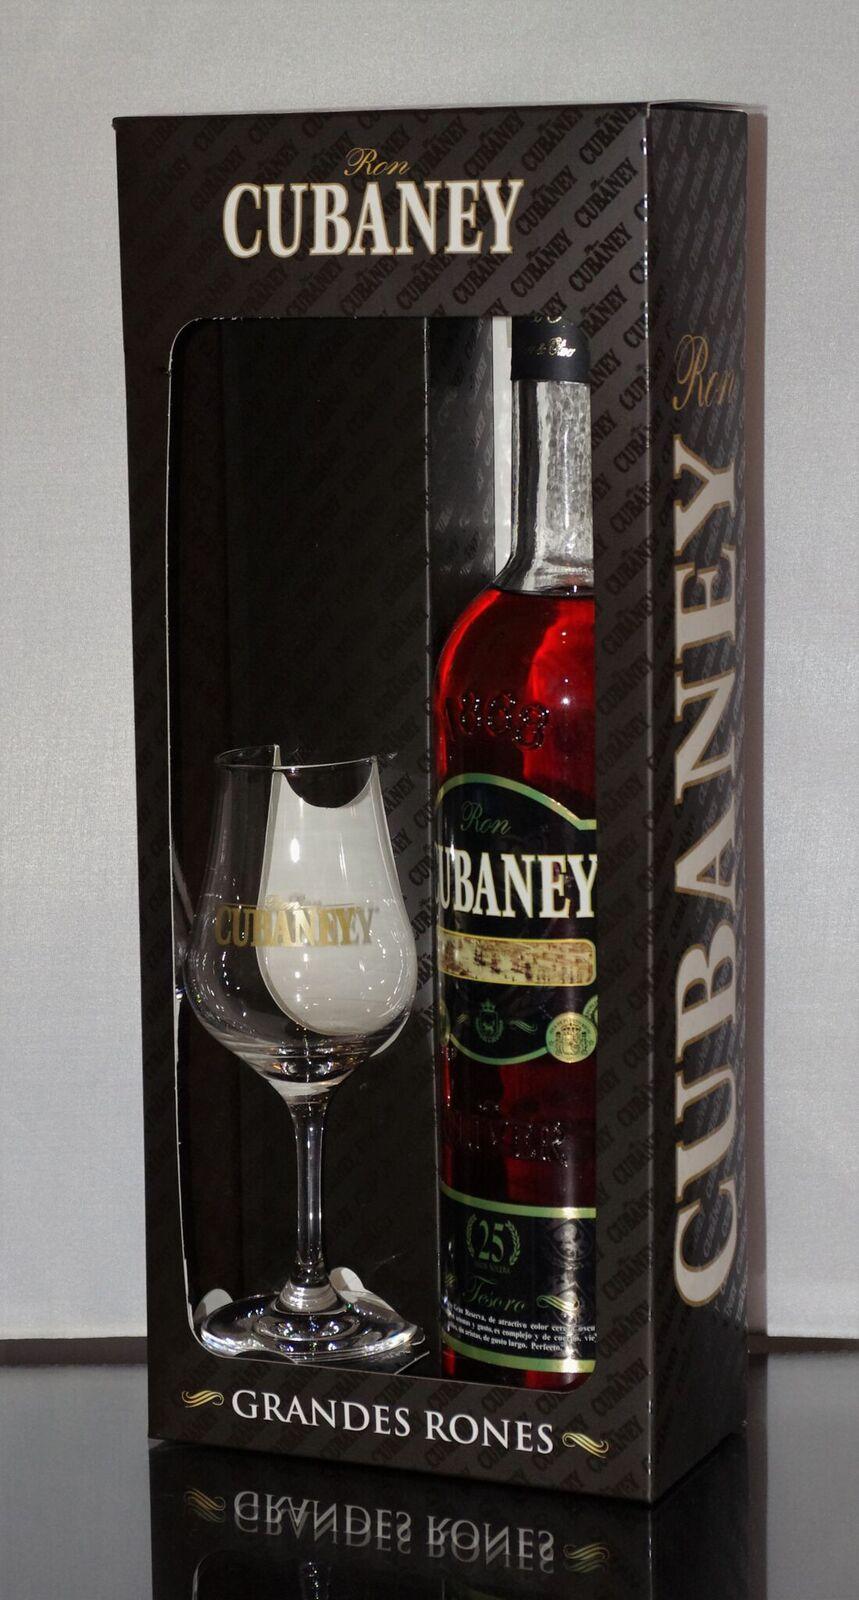 Cubaney Tesoro 25 Aňos Dárkové balení se skleničkou